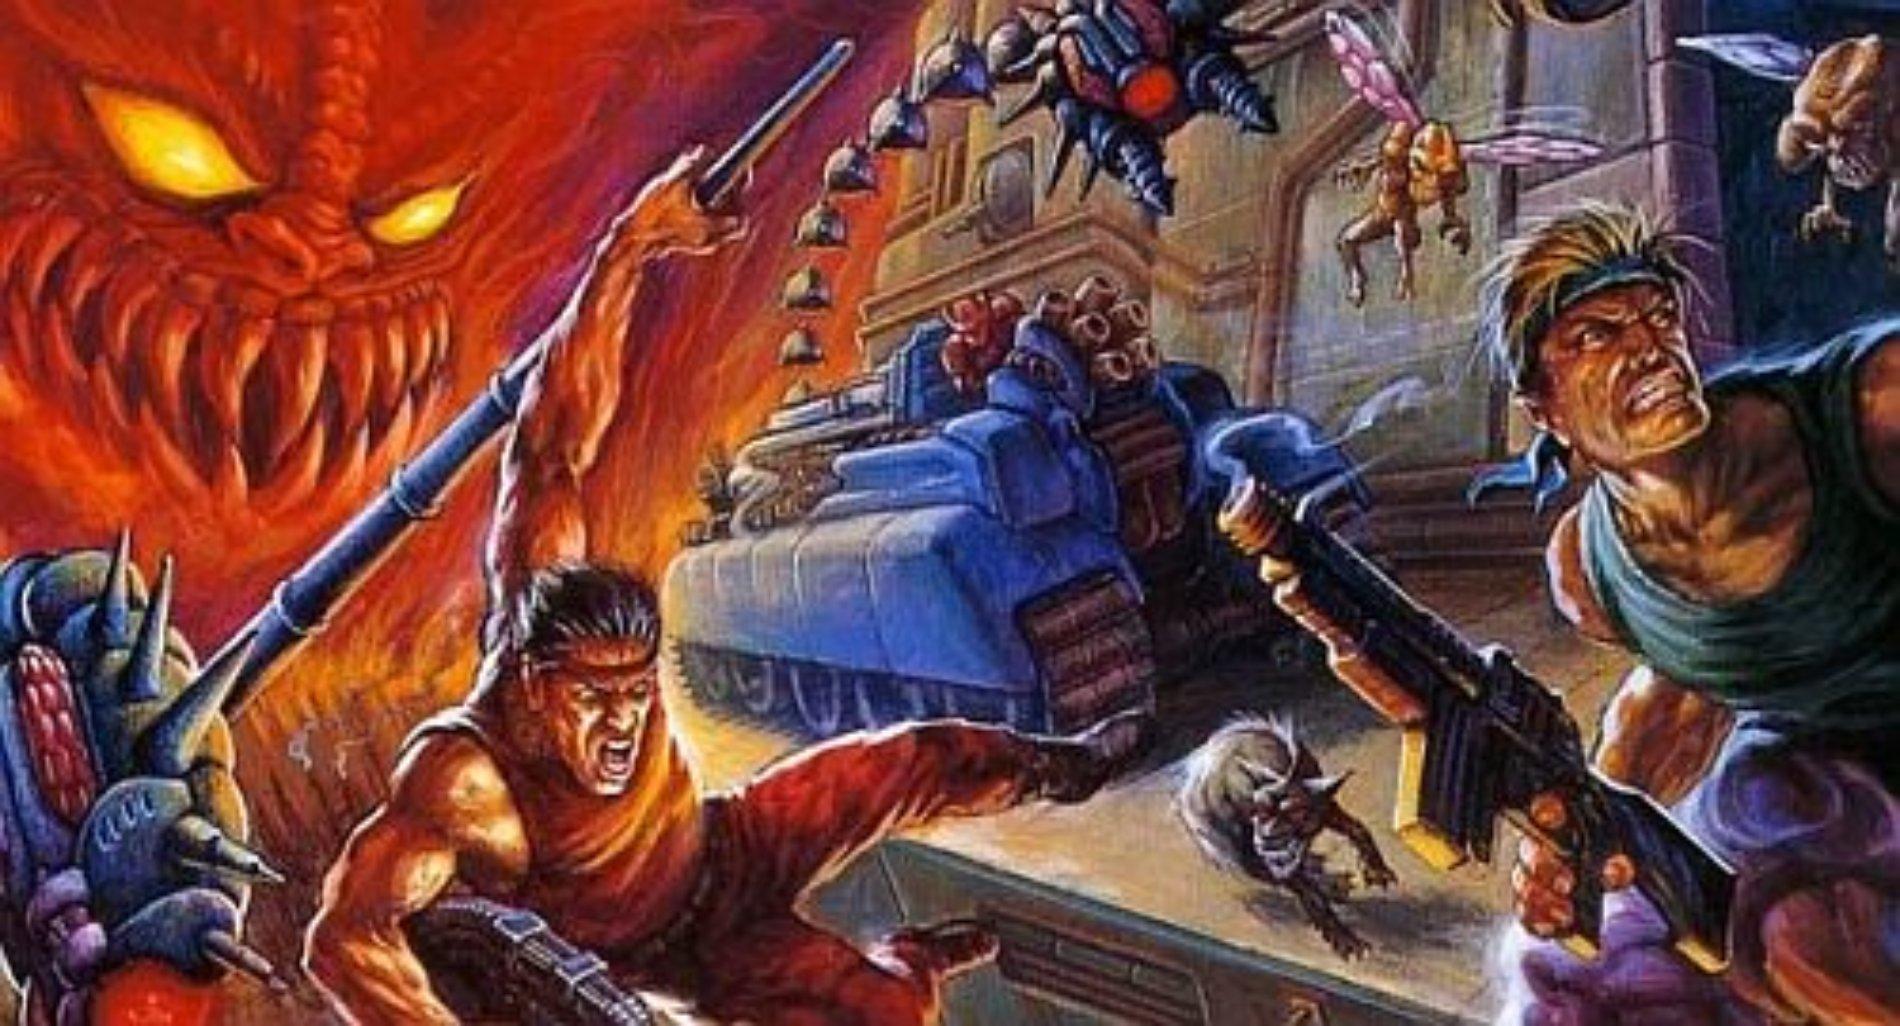 El clásico de Konami 'Contra' será adaptado a película y serie televisiva live-action